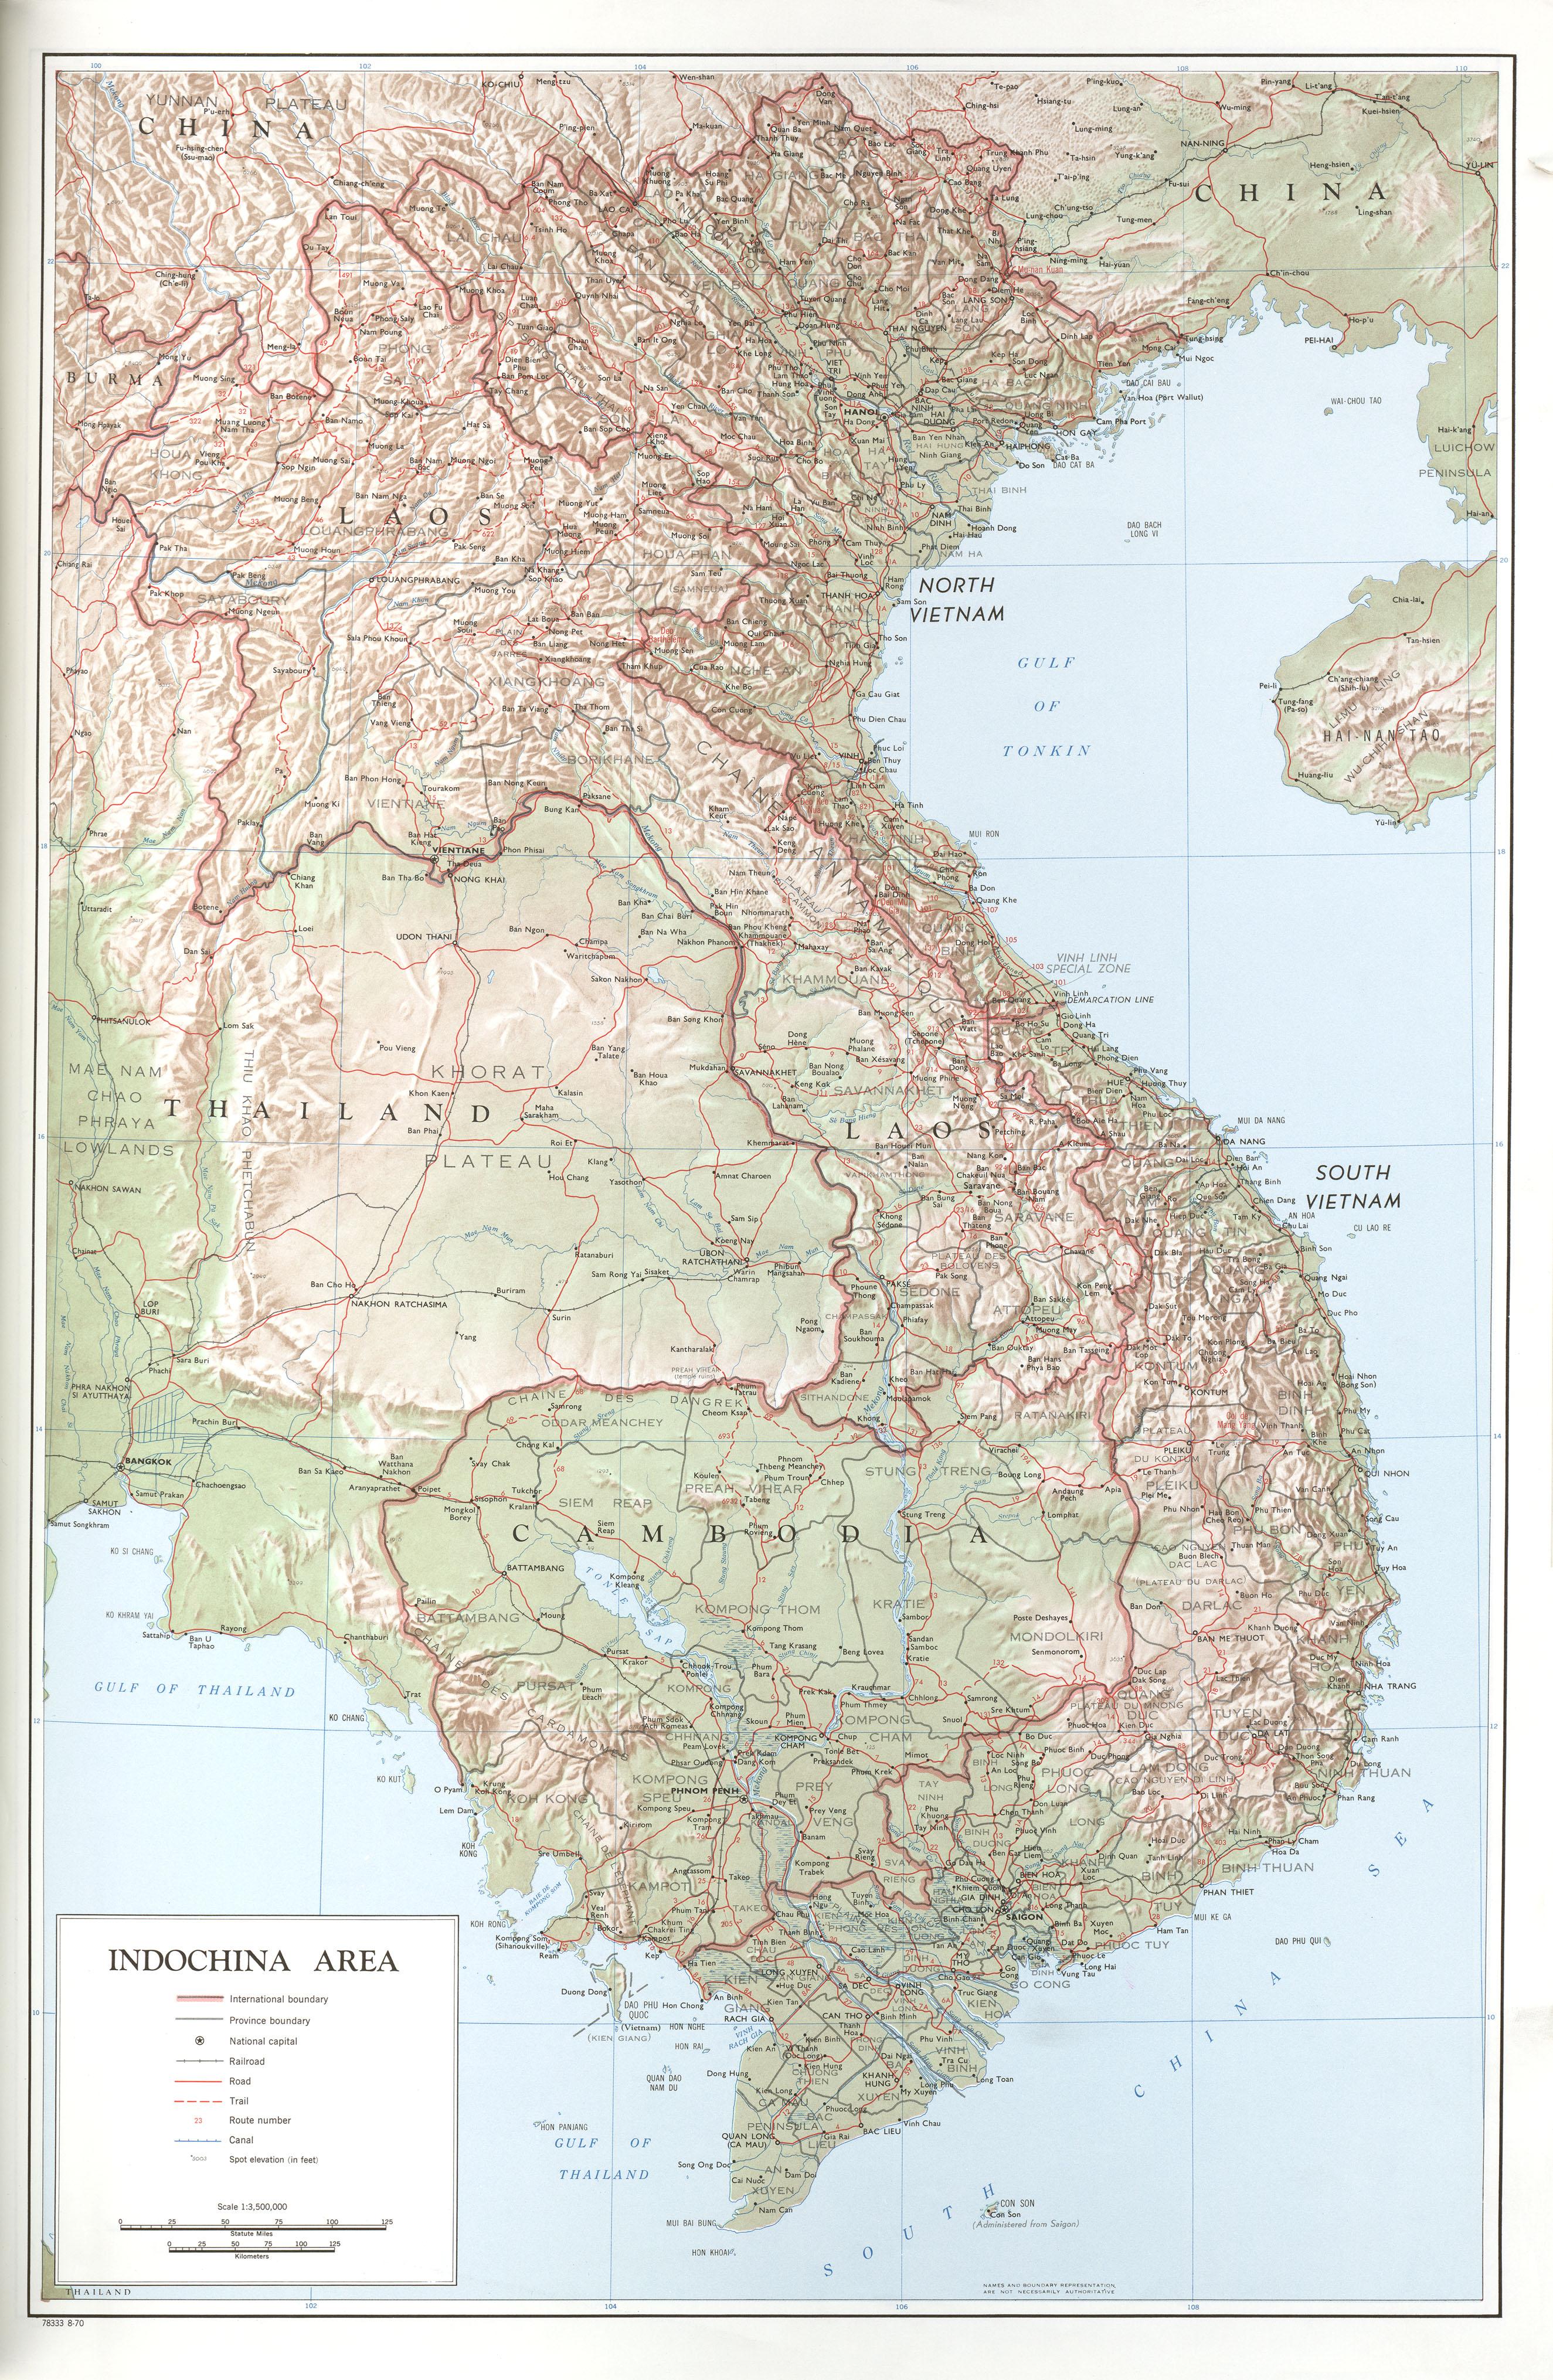 Mapa Topográfico de la Región de Indochina